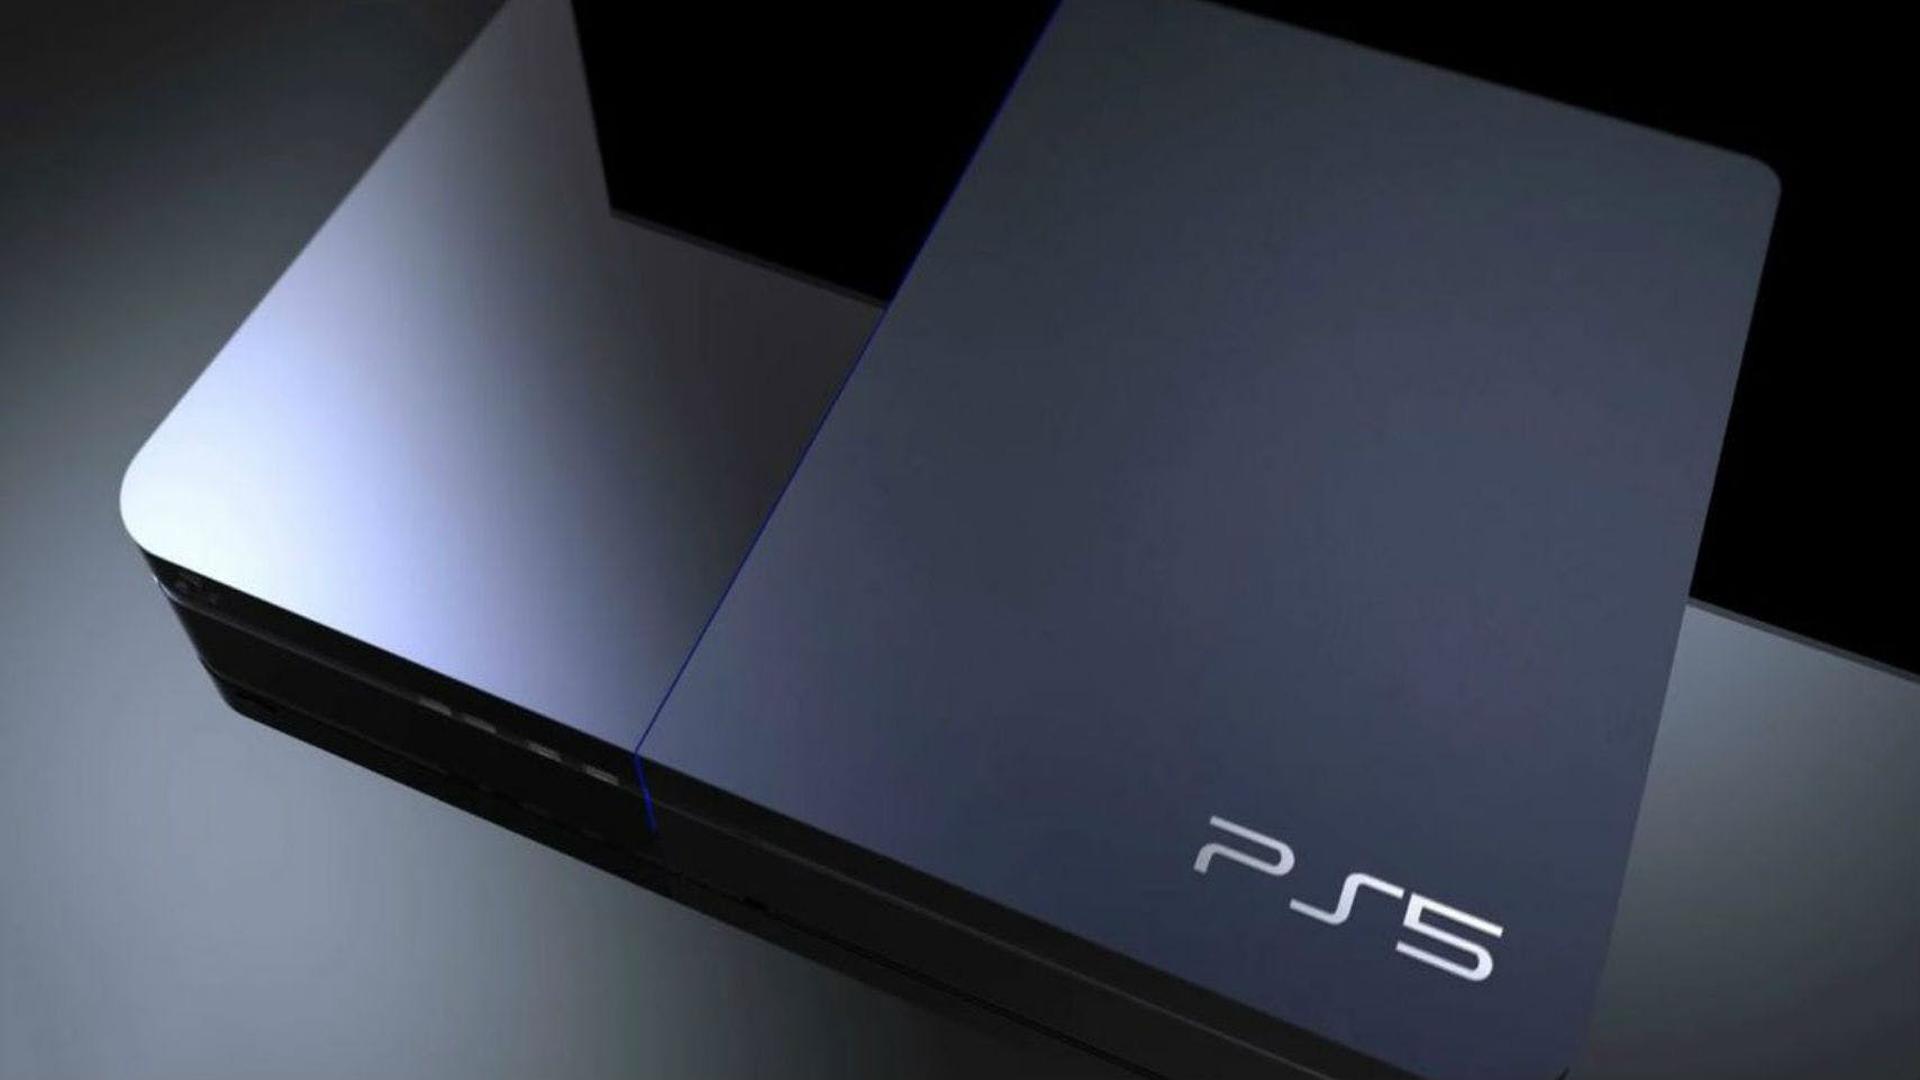 سوني تؤكد بأن هناك جهاز كونسول جديد قادم لكن هل سيكون بإسم PlayStation 5؟